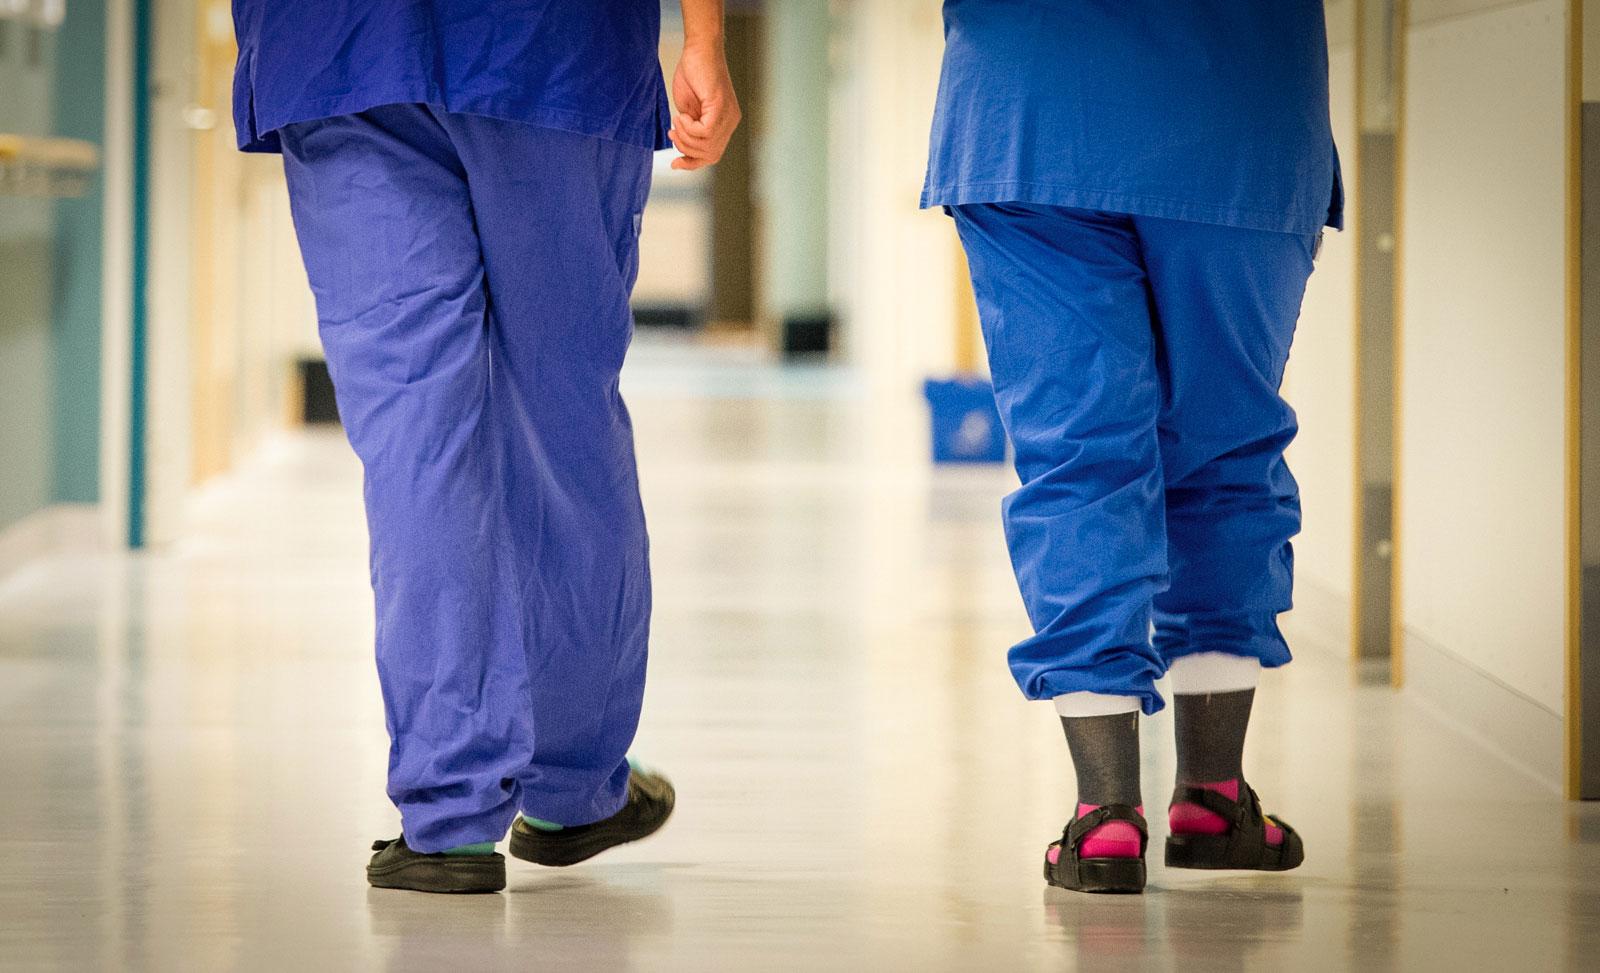 Vårdpersonals ben i en sjukhuskorridor (Bild: Eng Foto)